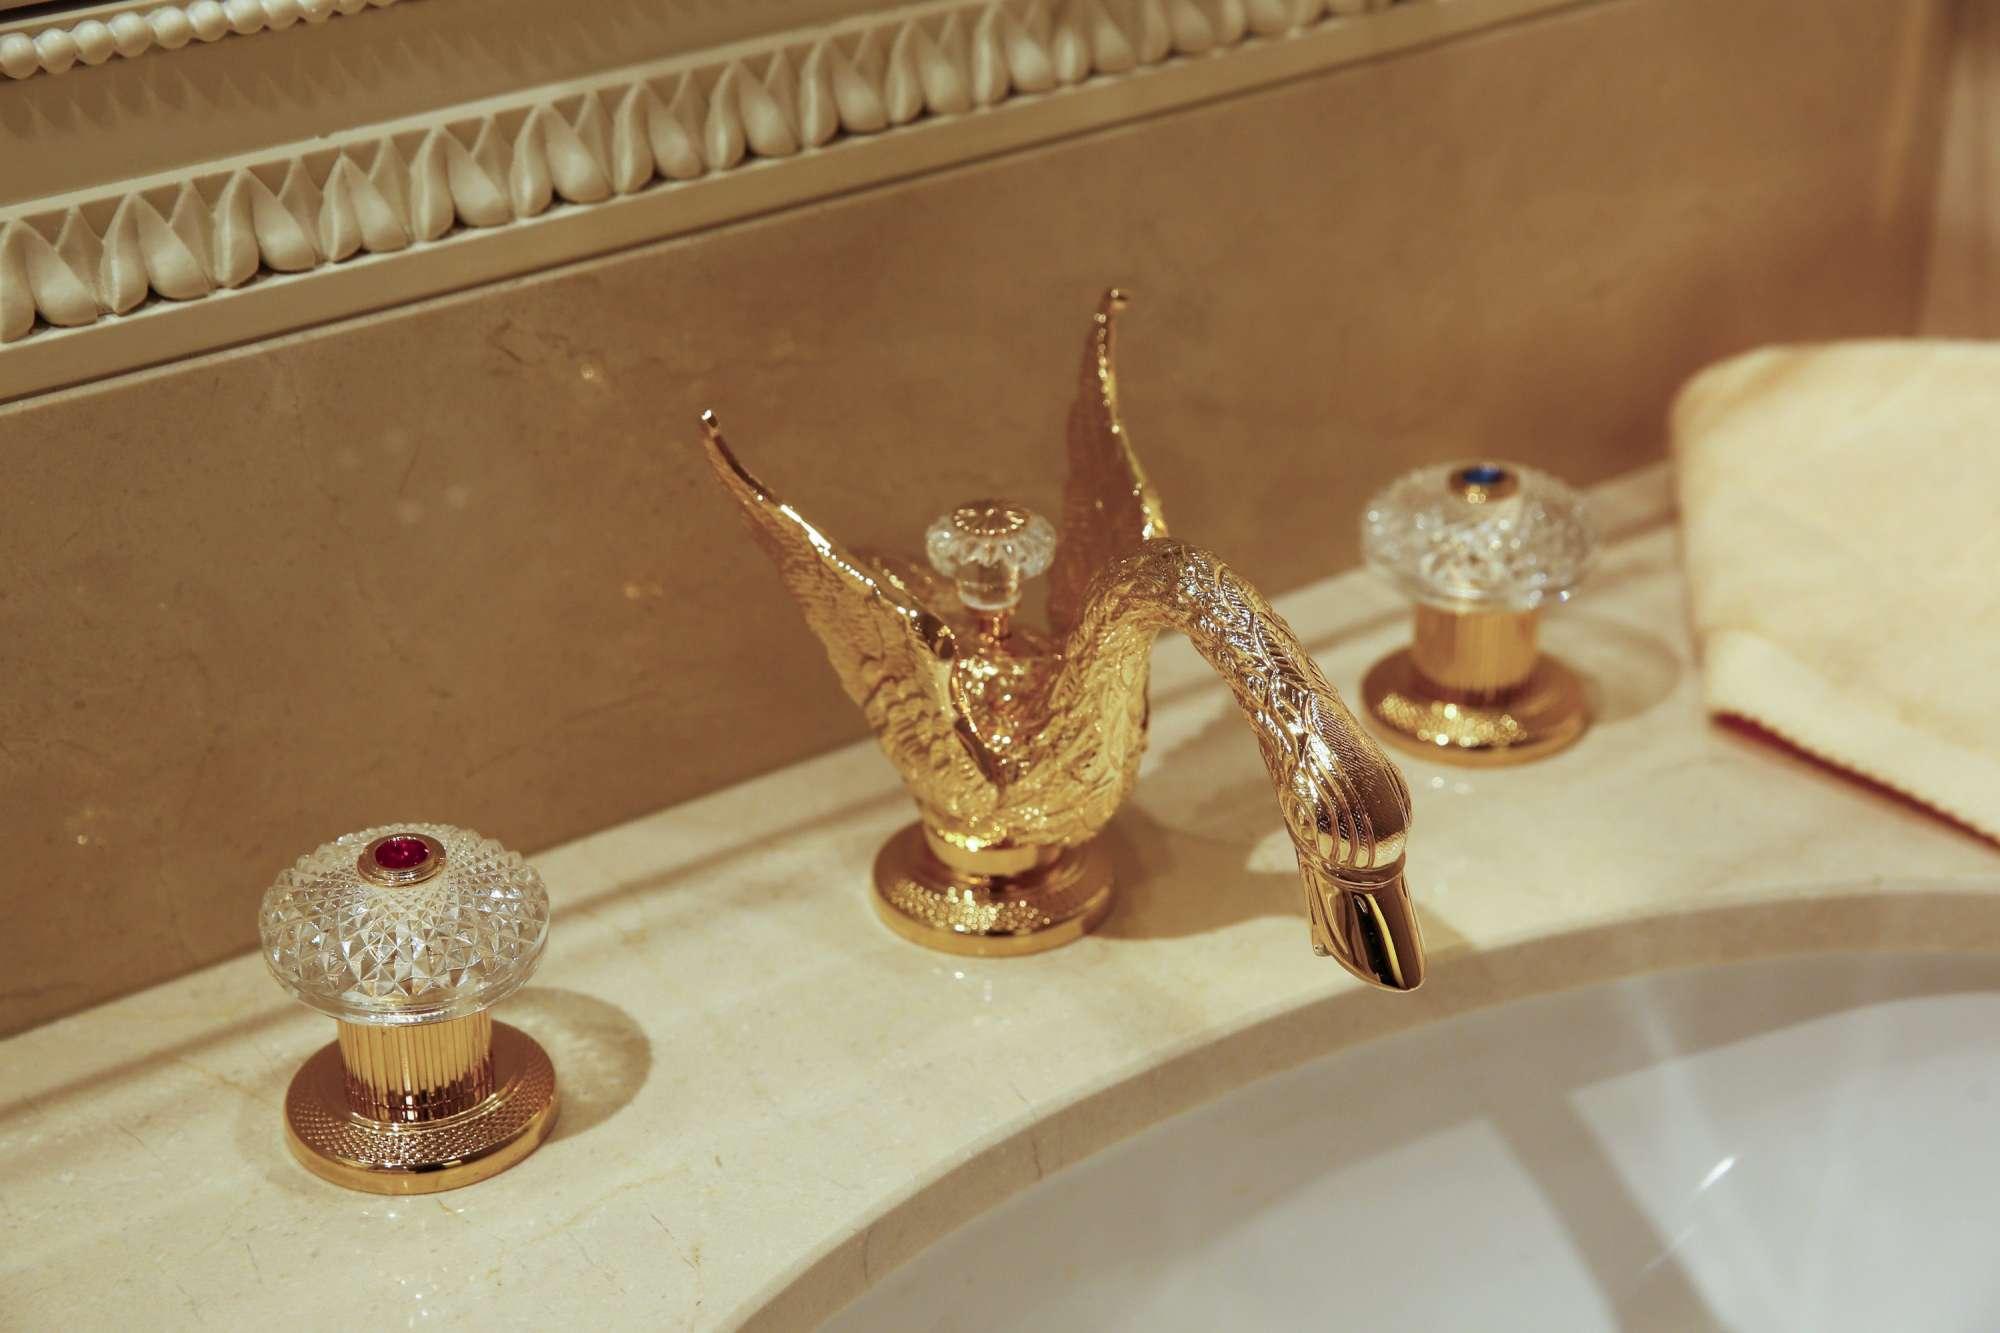 A Parigi riapre il prestigioso Ritz, l hotel preferito di Hemingway e Chanel